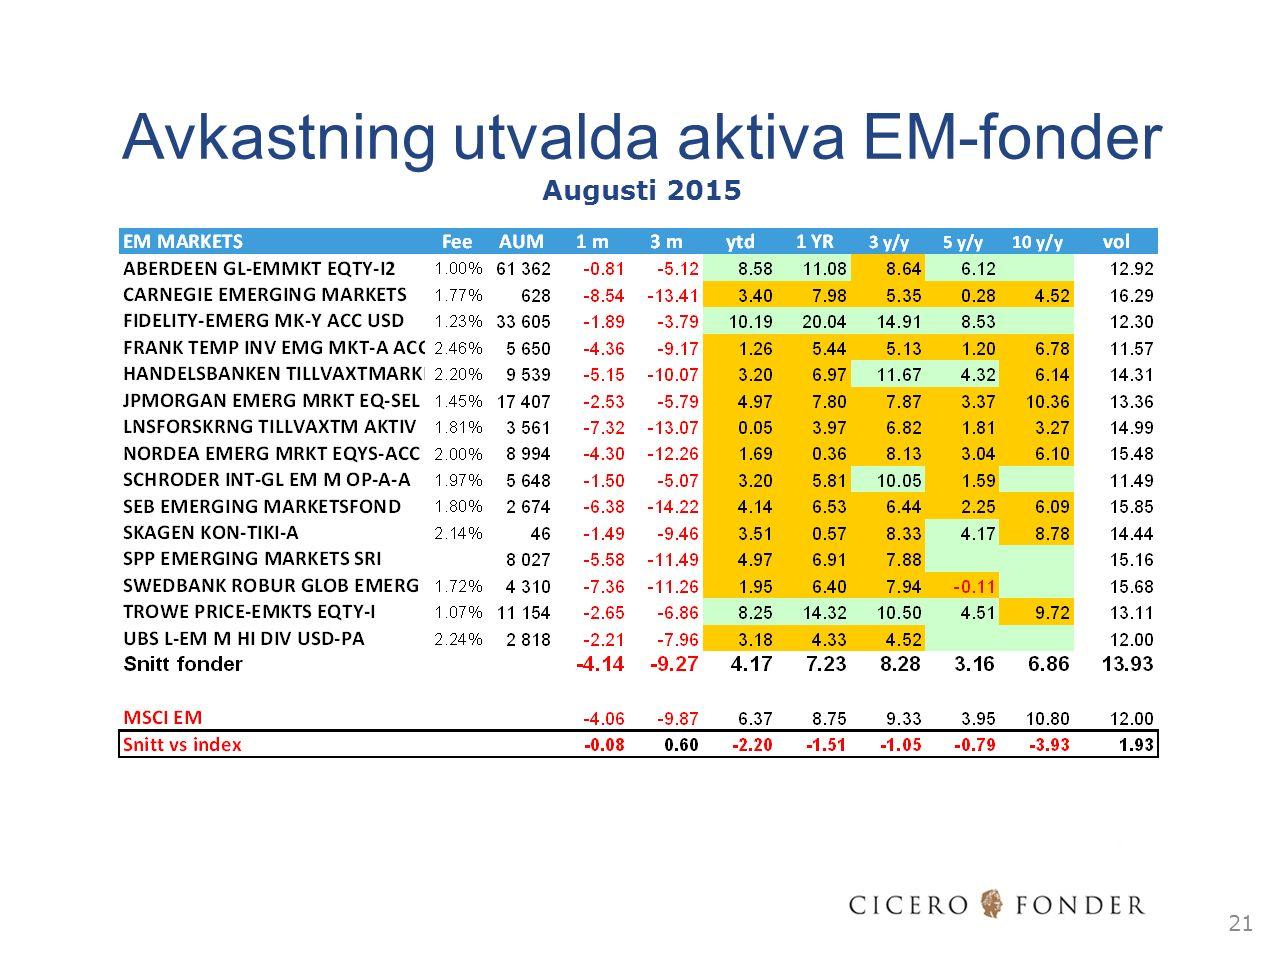 21 Avkastning utvalda aktiva EM-fonder Augusti 2015